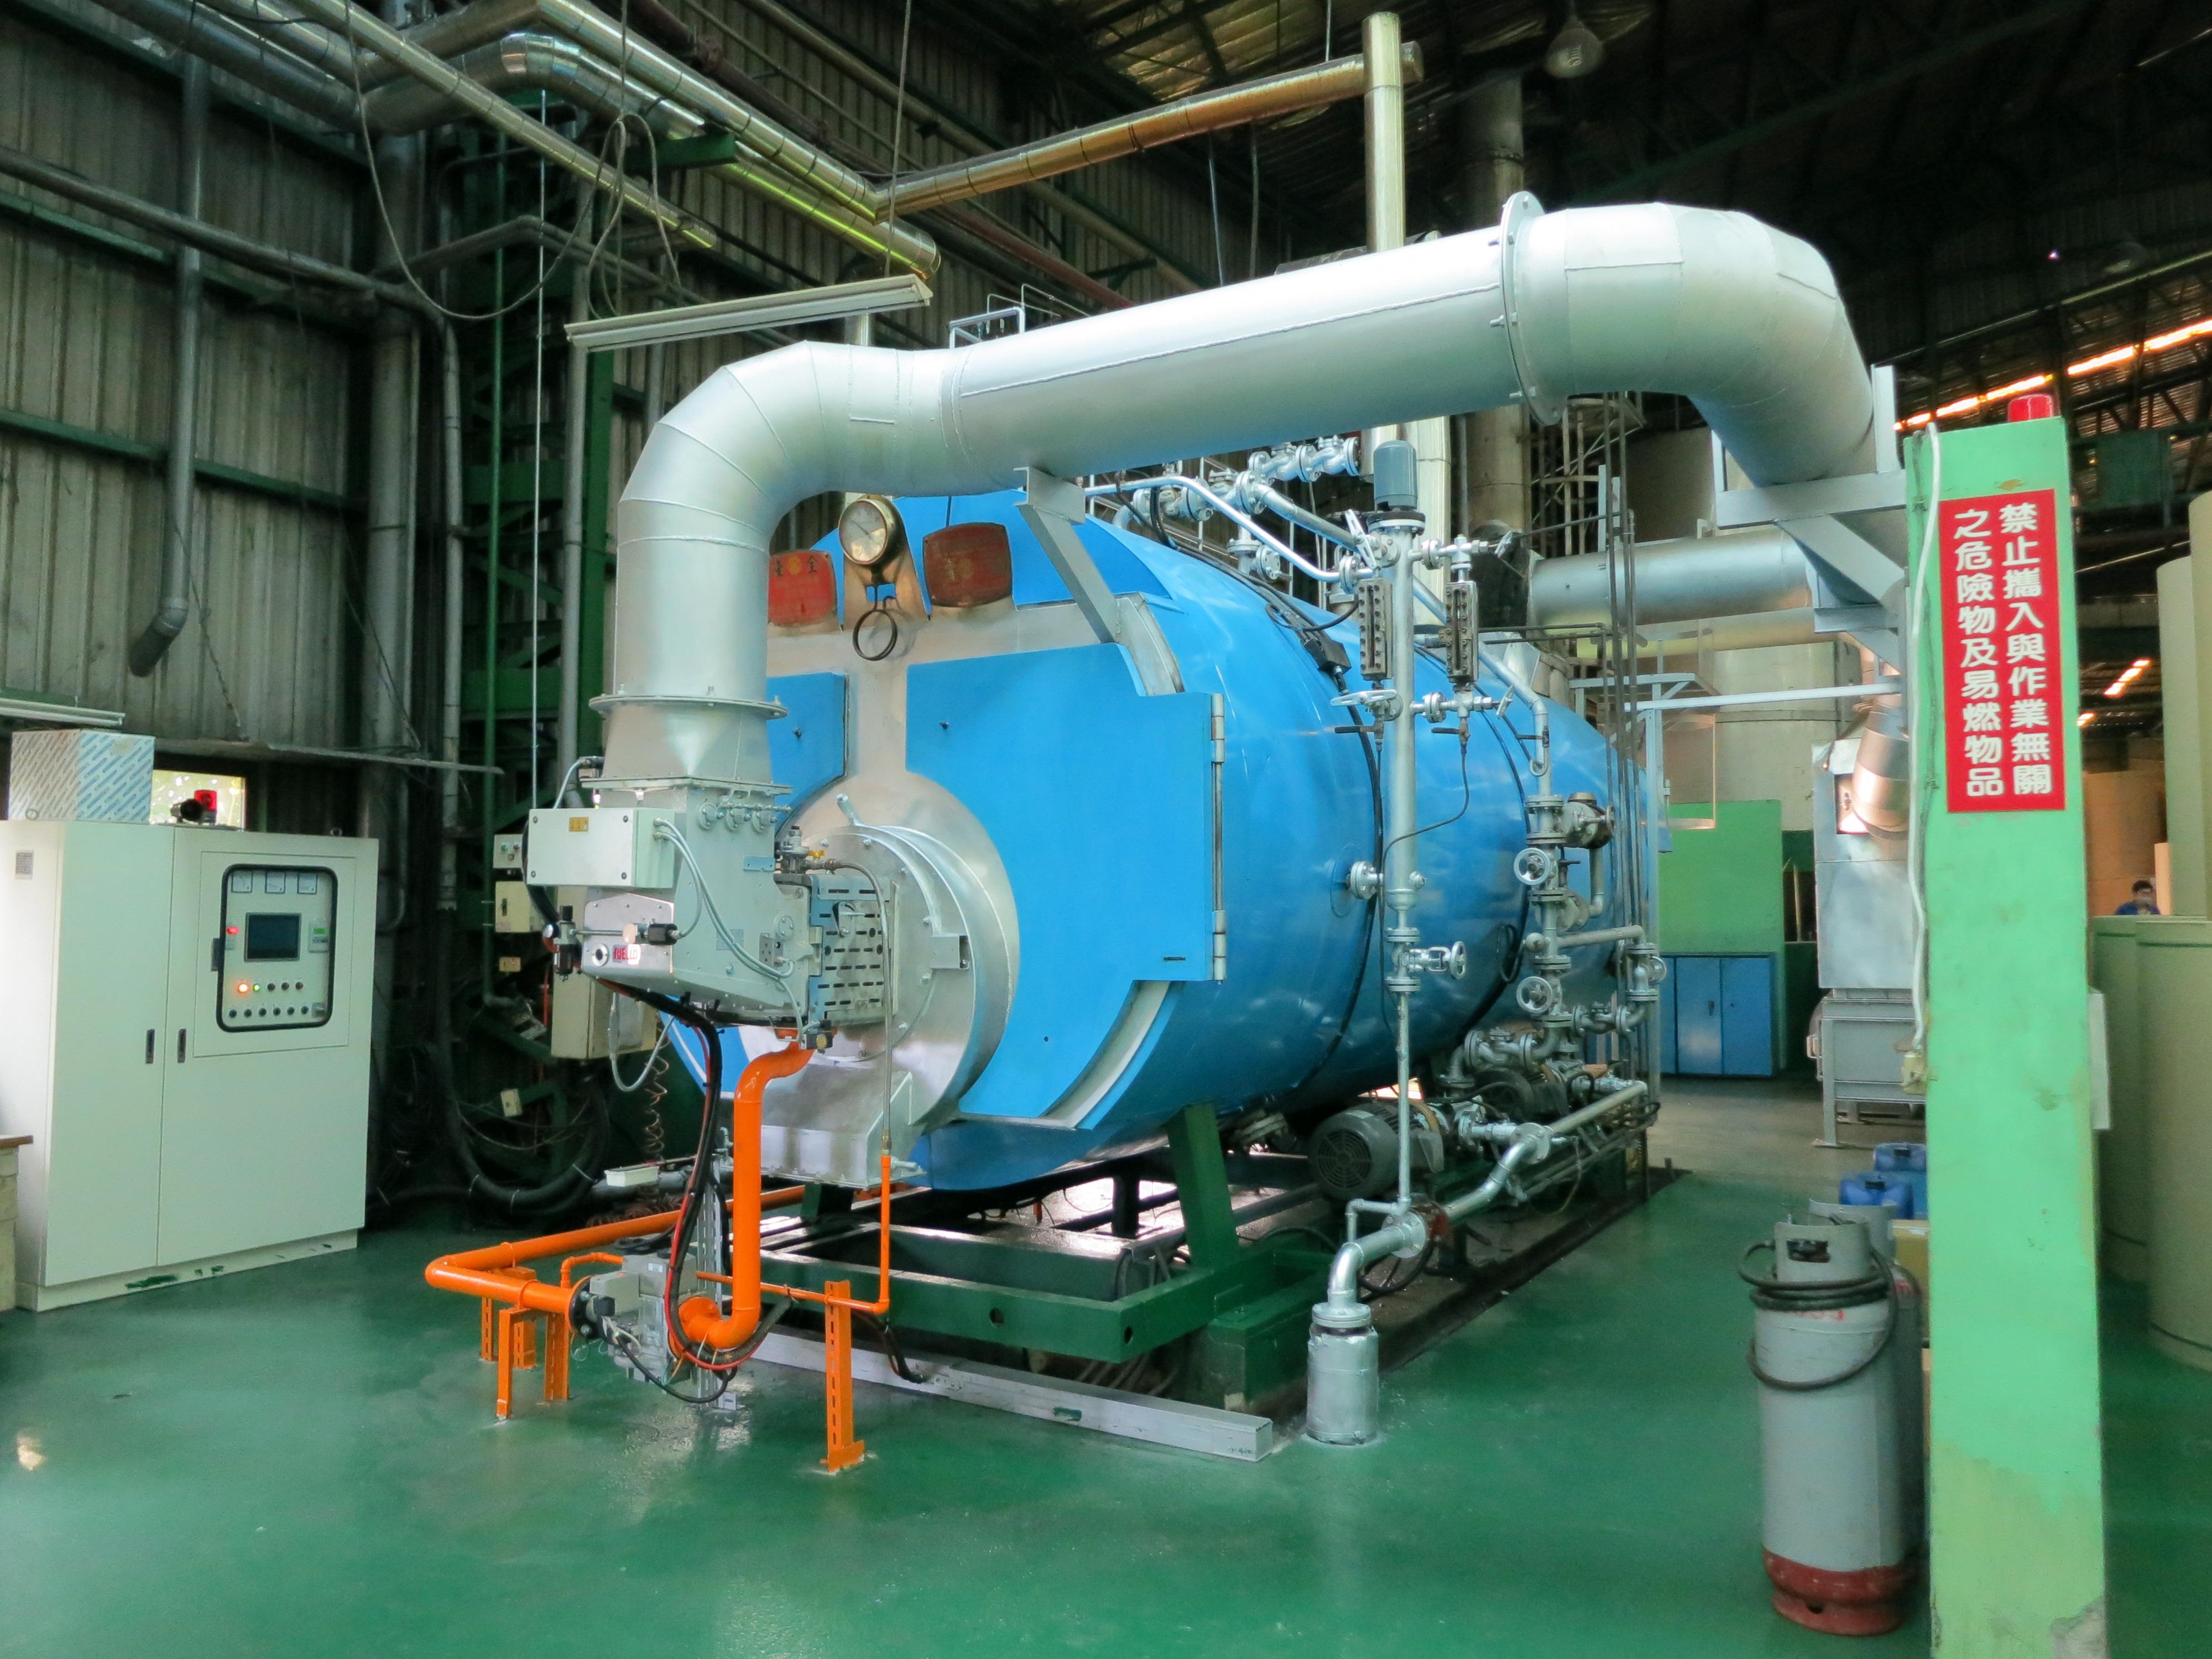 電子比例調節式瓦斯燃燒機-DB 4 SE-含空預器套組